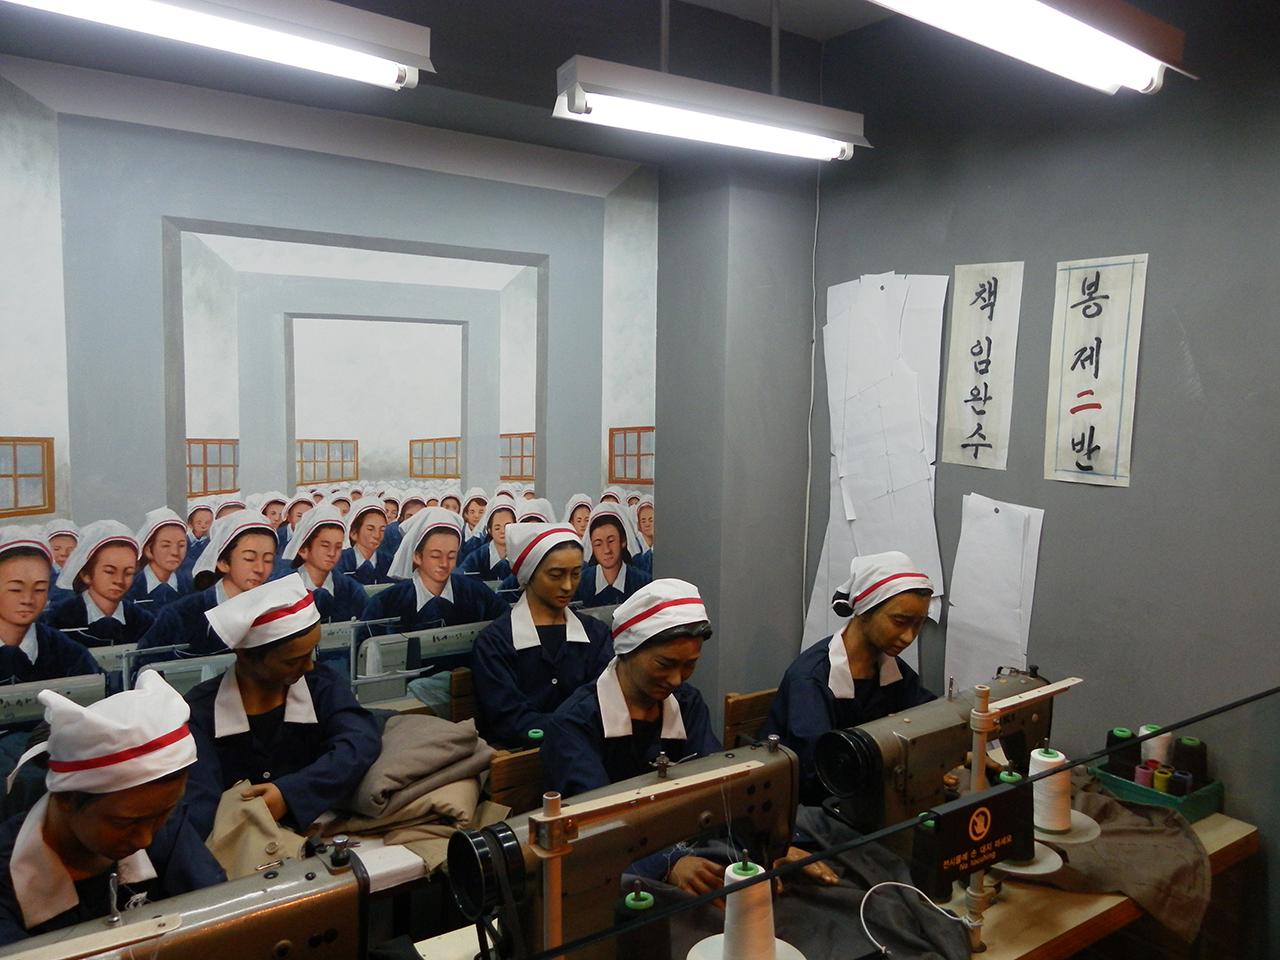 박정희대통령기념도서관에서 찍은 사진.